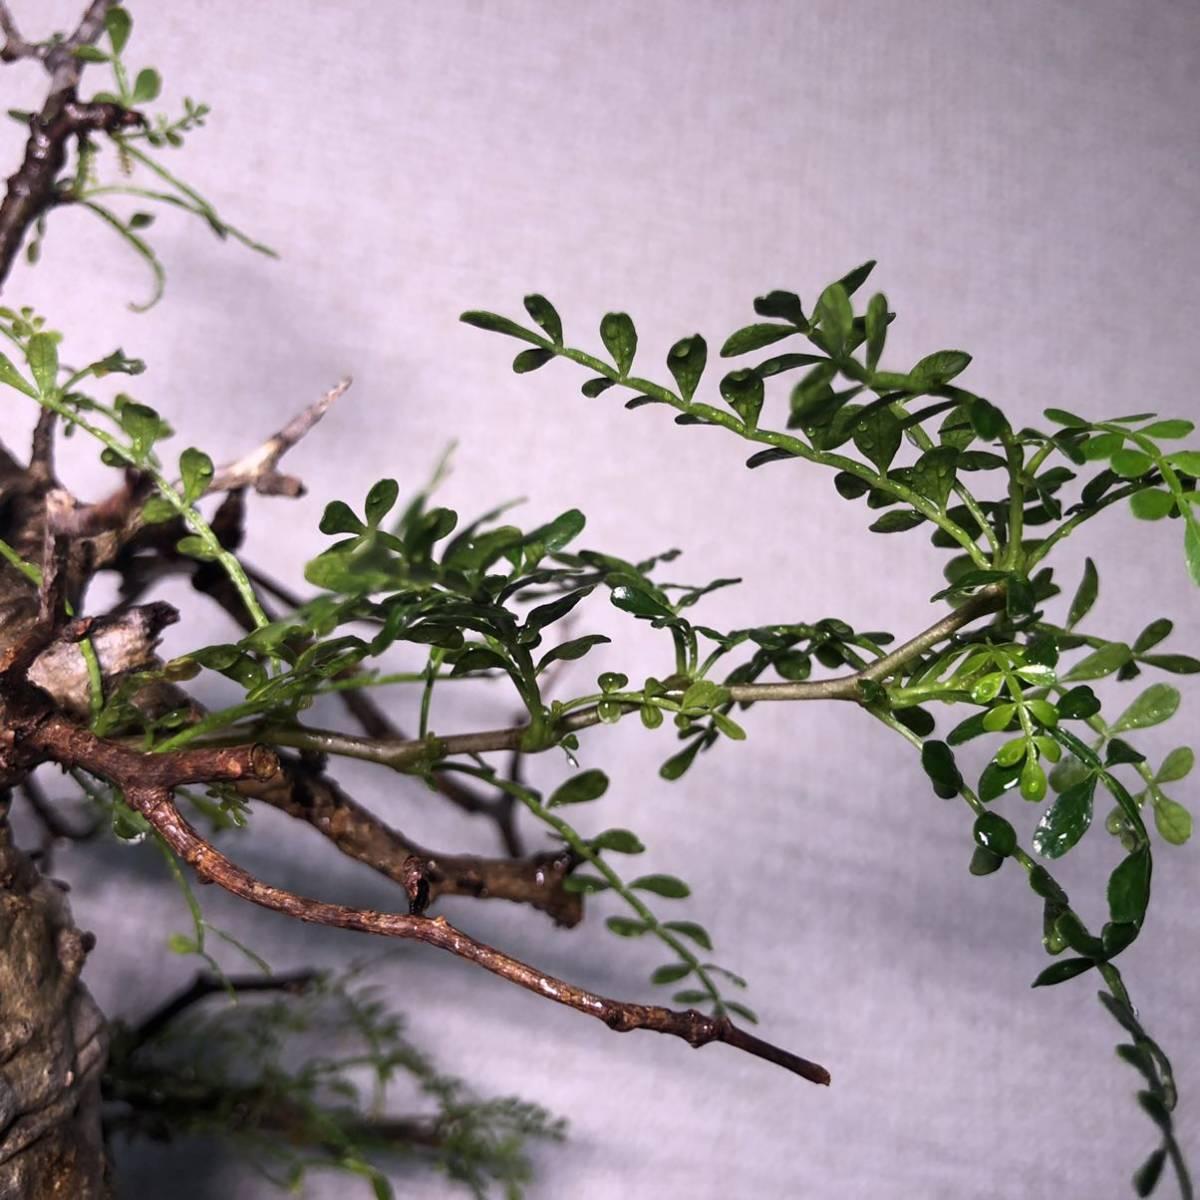 パキプス オペルクリカリア オペルクリカリアパキプス コーデックス 塊根植物 多肉植物_画像3